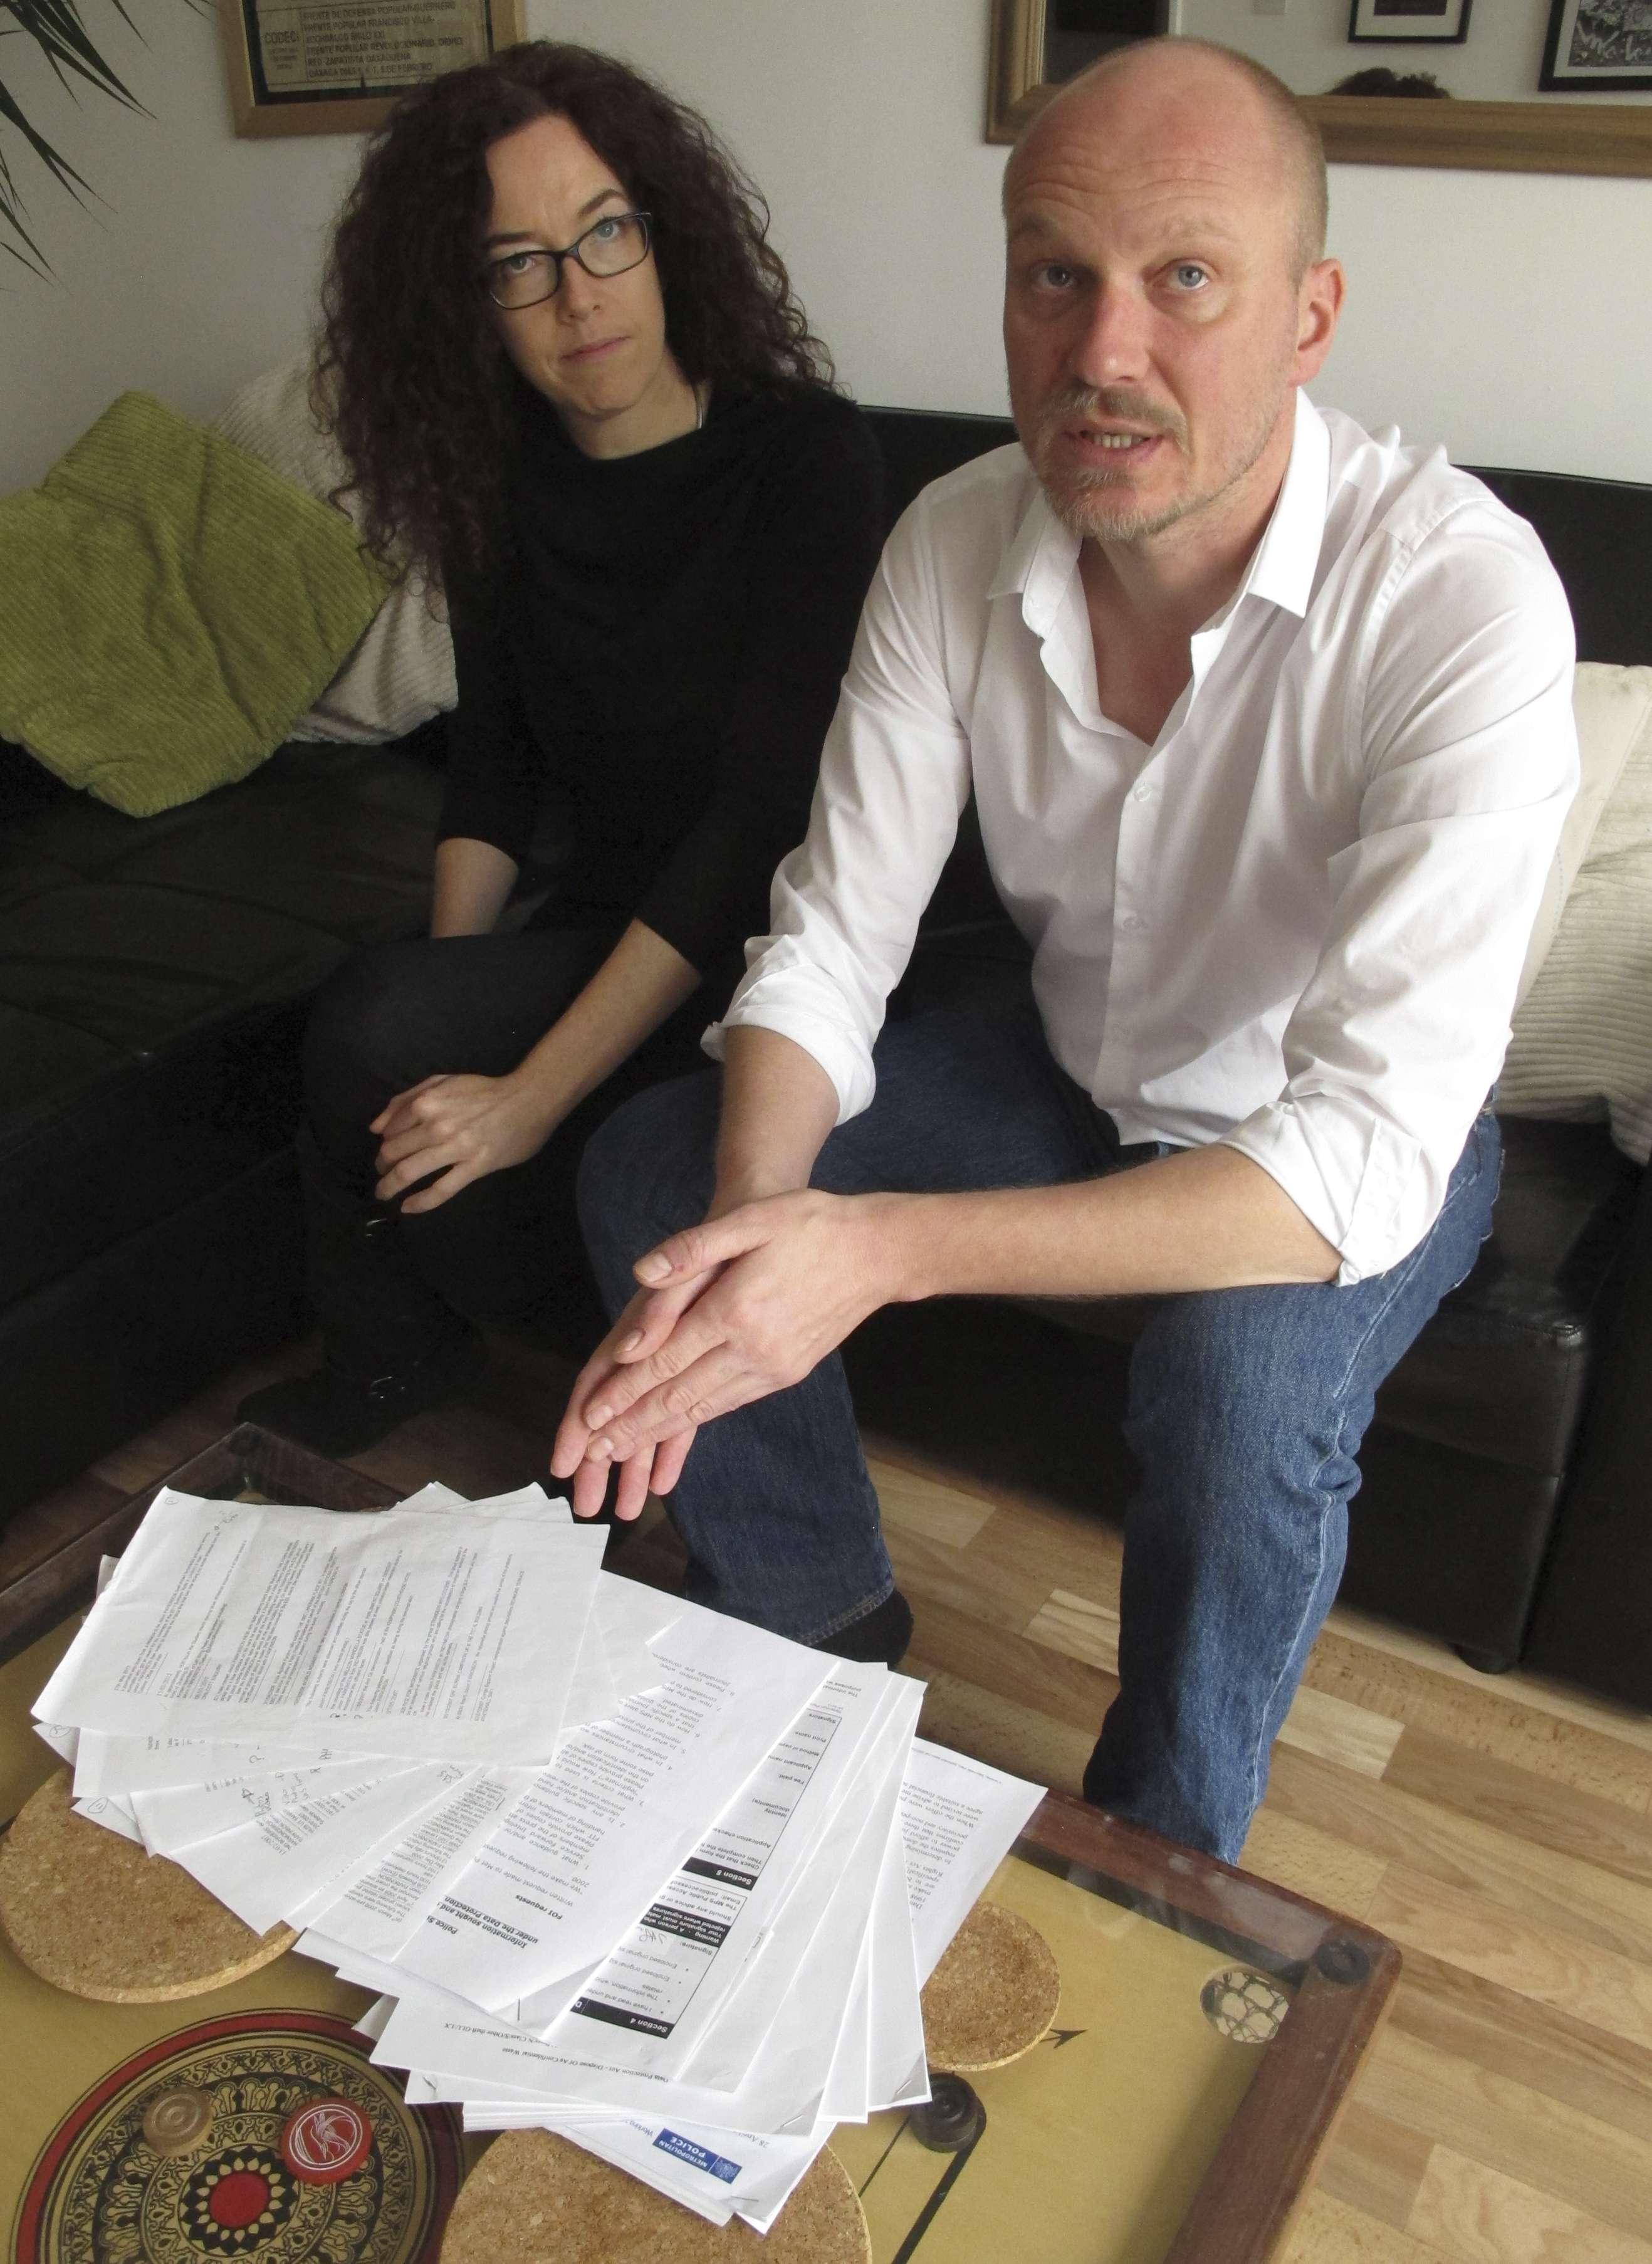 El video reportero Jason Parkinson, de 44 años, y la fotoperiodista Jess Hurd, de 41 años, muestran los documentos que demuestran la vigilancia policial de la que fueron objetos, en su casa de Londres, 21 de noviembre de 2014. La pareja pertenece al grupo de seis periodistas que demandaron al gobierno británico por espiarlos. Foto: AP en español